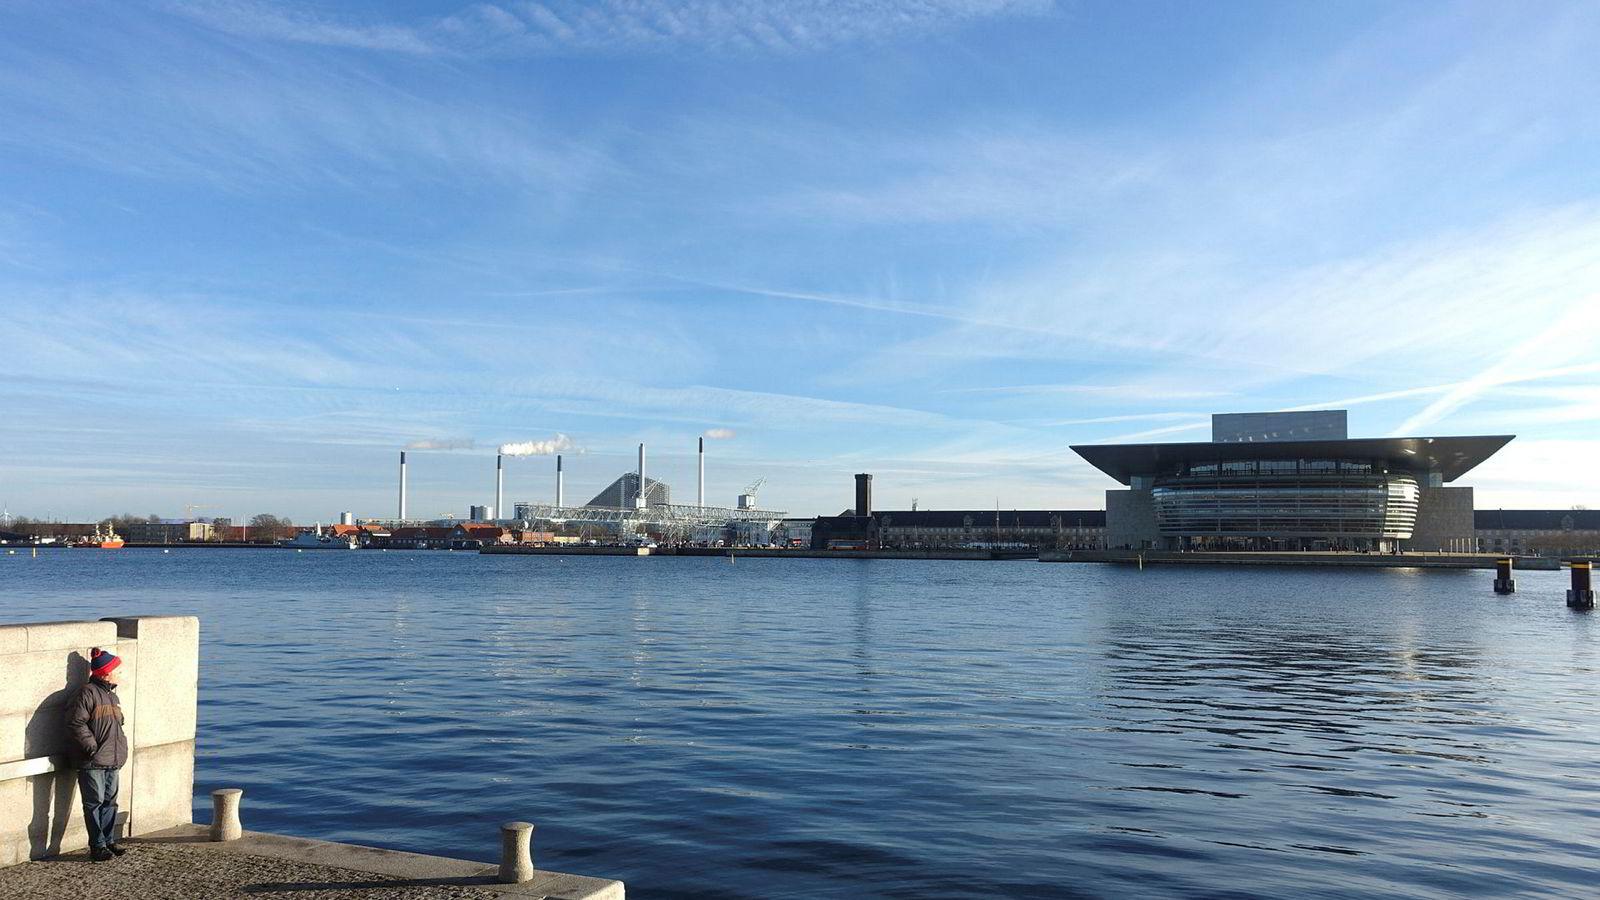 Danmark vil bygge et nytt gigantisk næringslivsområde på nye øyer i sjøen utenfor København. Bildet viser utsikt fra havnepromenaden mot operaen.